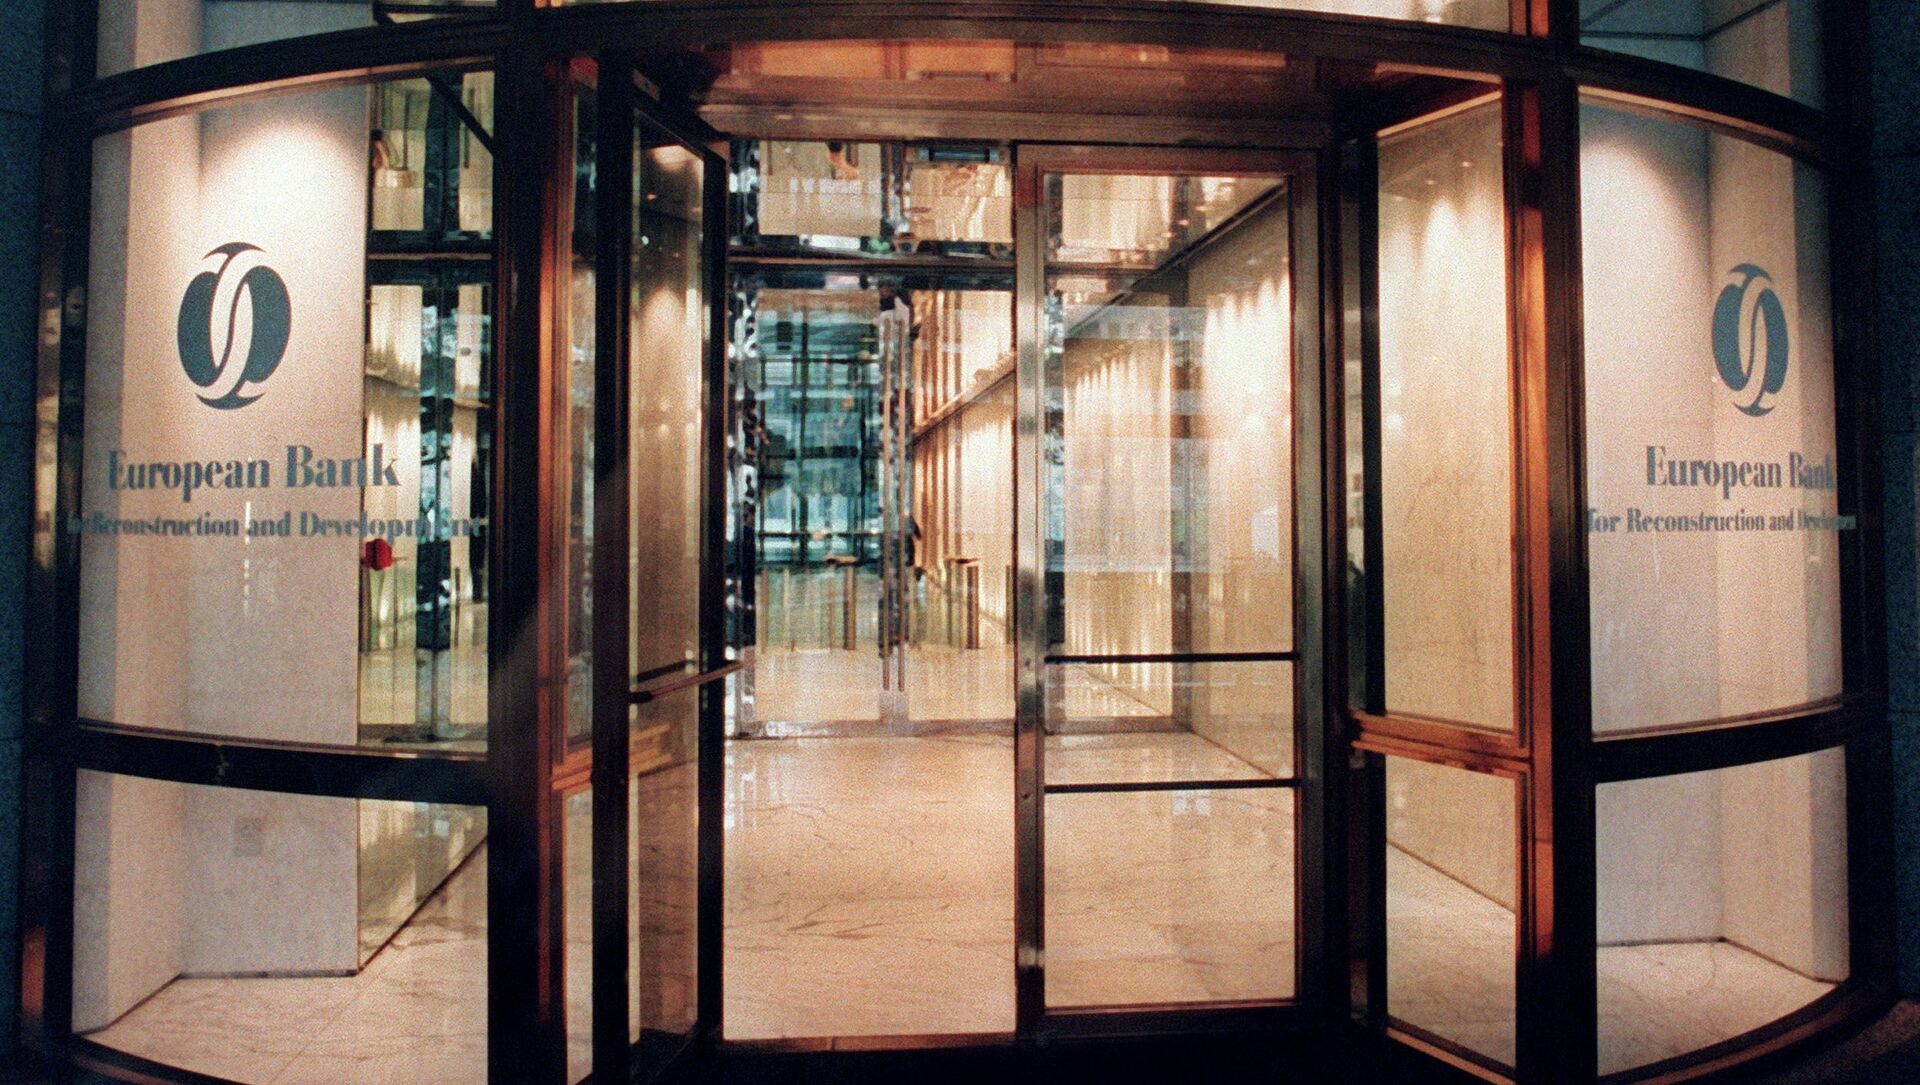 Вход в Европейский банк реконструкции и развития в Лондоне, фото из архива - Sputnik Azərbaycan, 1920, 28.06.2021